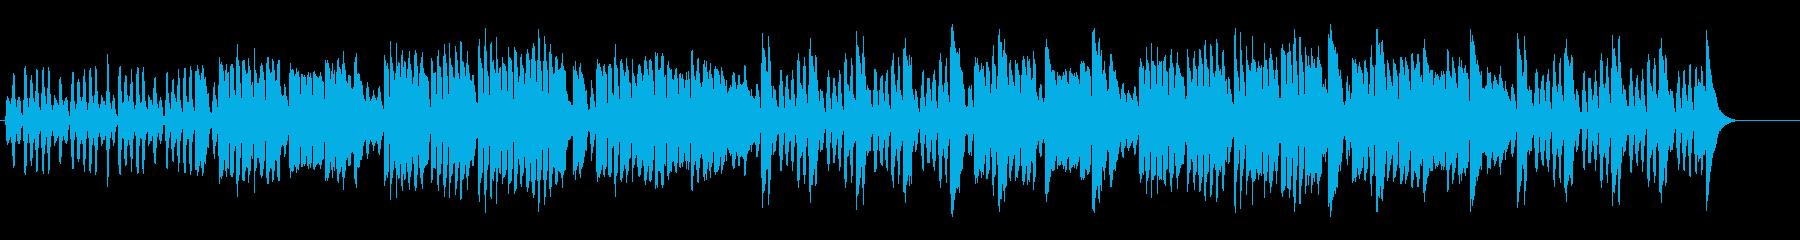 もういくつ寝るとお正月、口笛、弦楽器の再生済みの波形